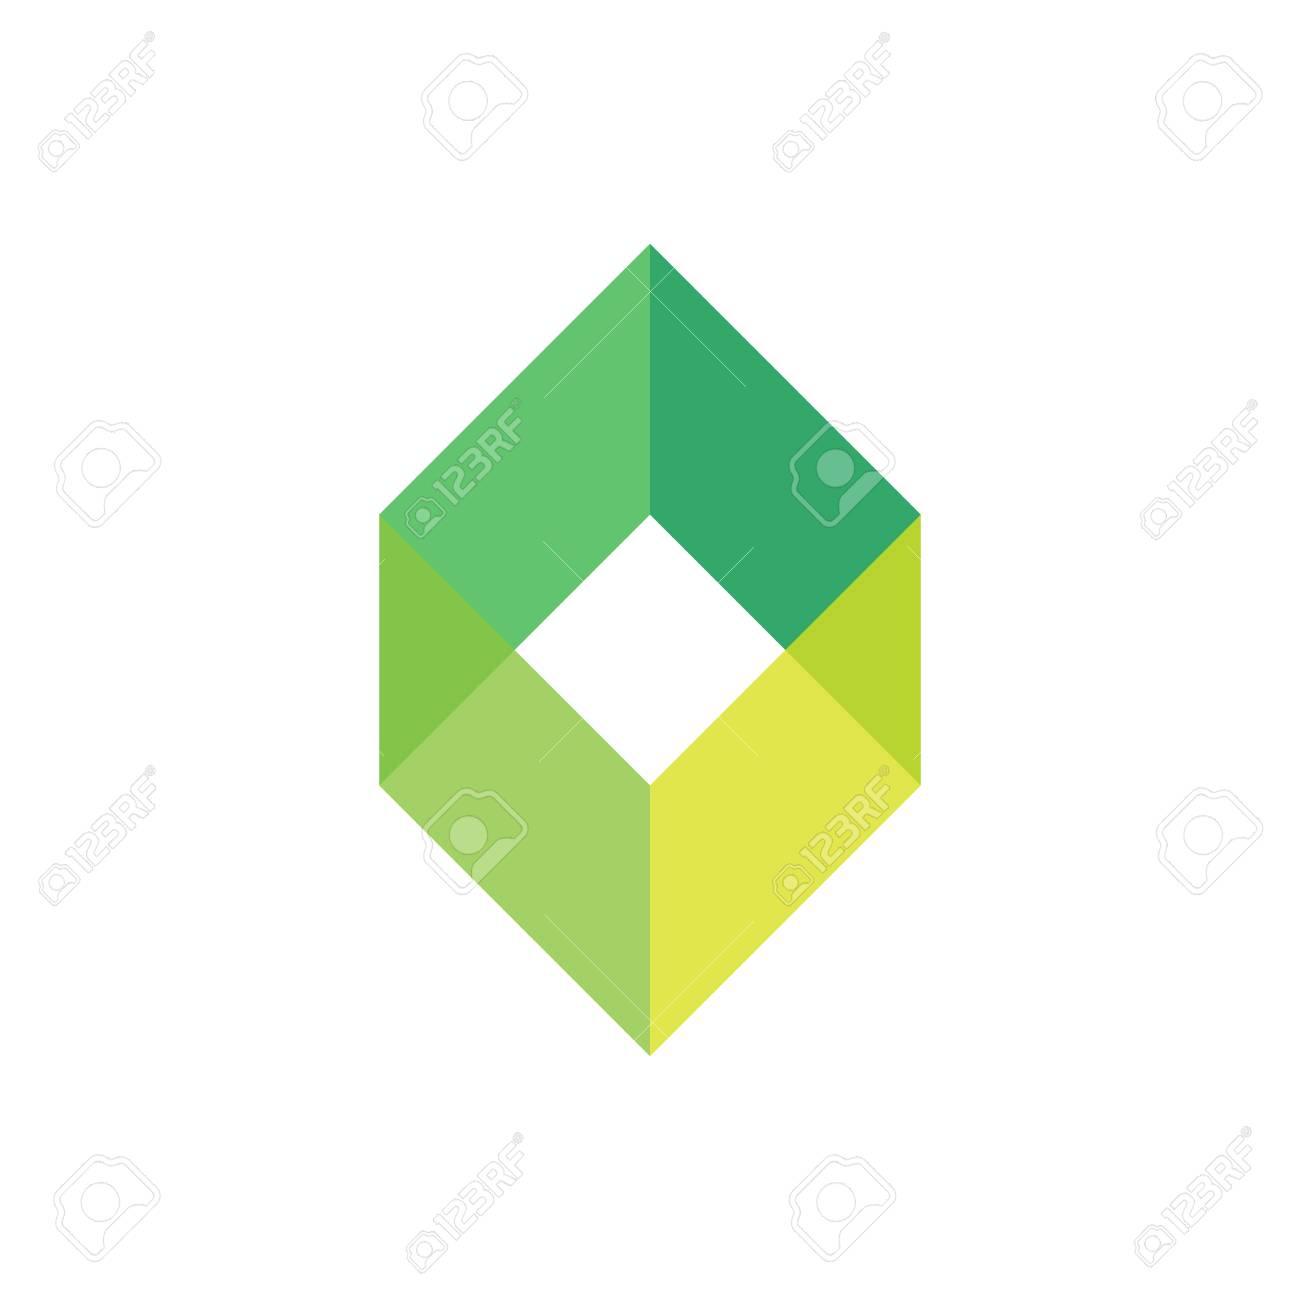 Bien-aimée Modèle De Logo De Boîte Vide Vert. Logotype De Forme Géométrique @ZB_57